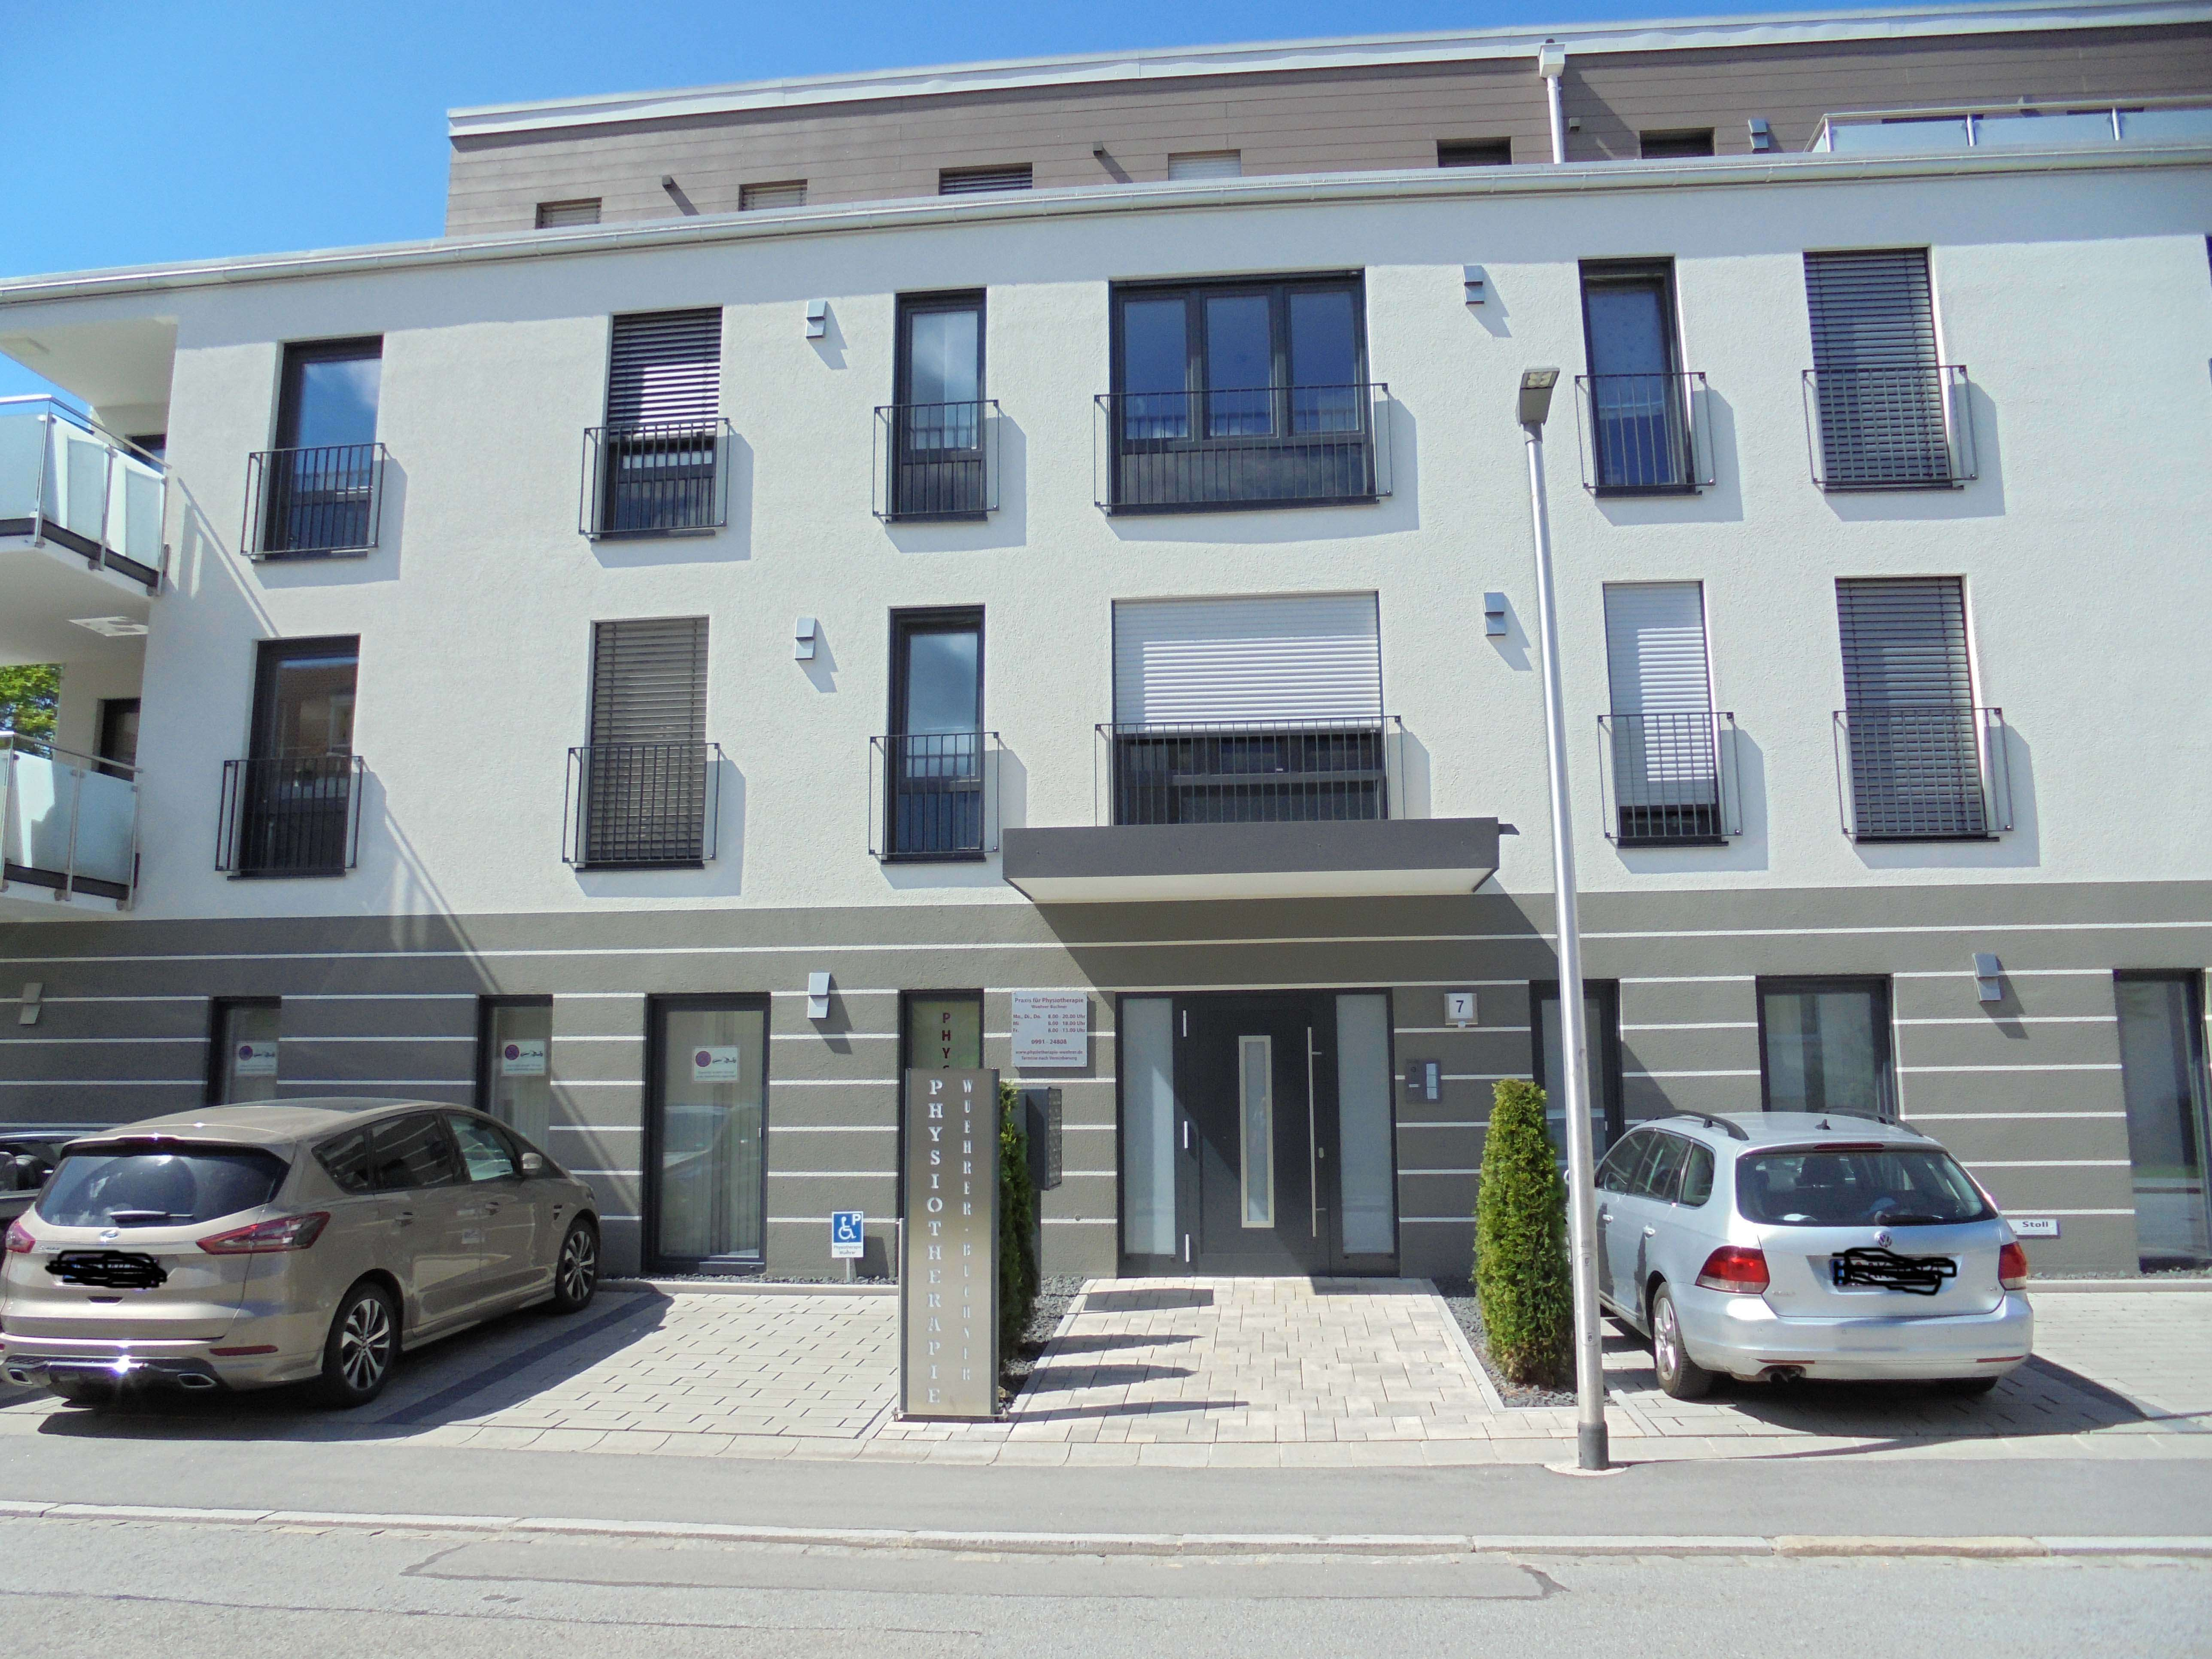 Neue 3-Zimmer-Wohnung mit Balkon in Deggendorf in